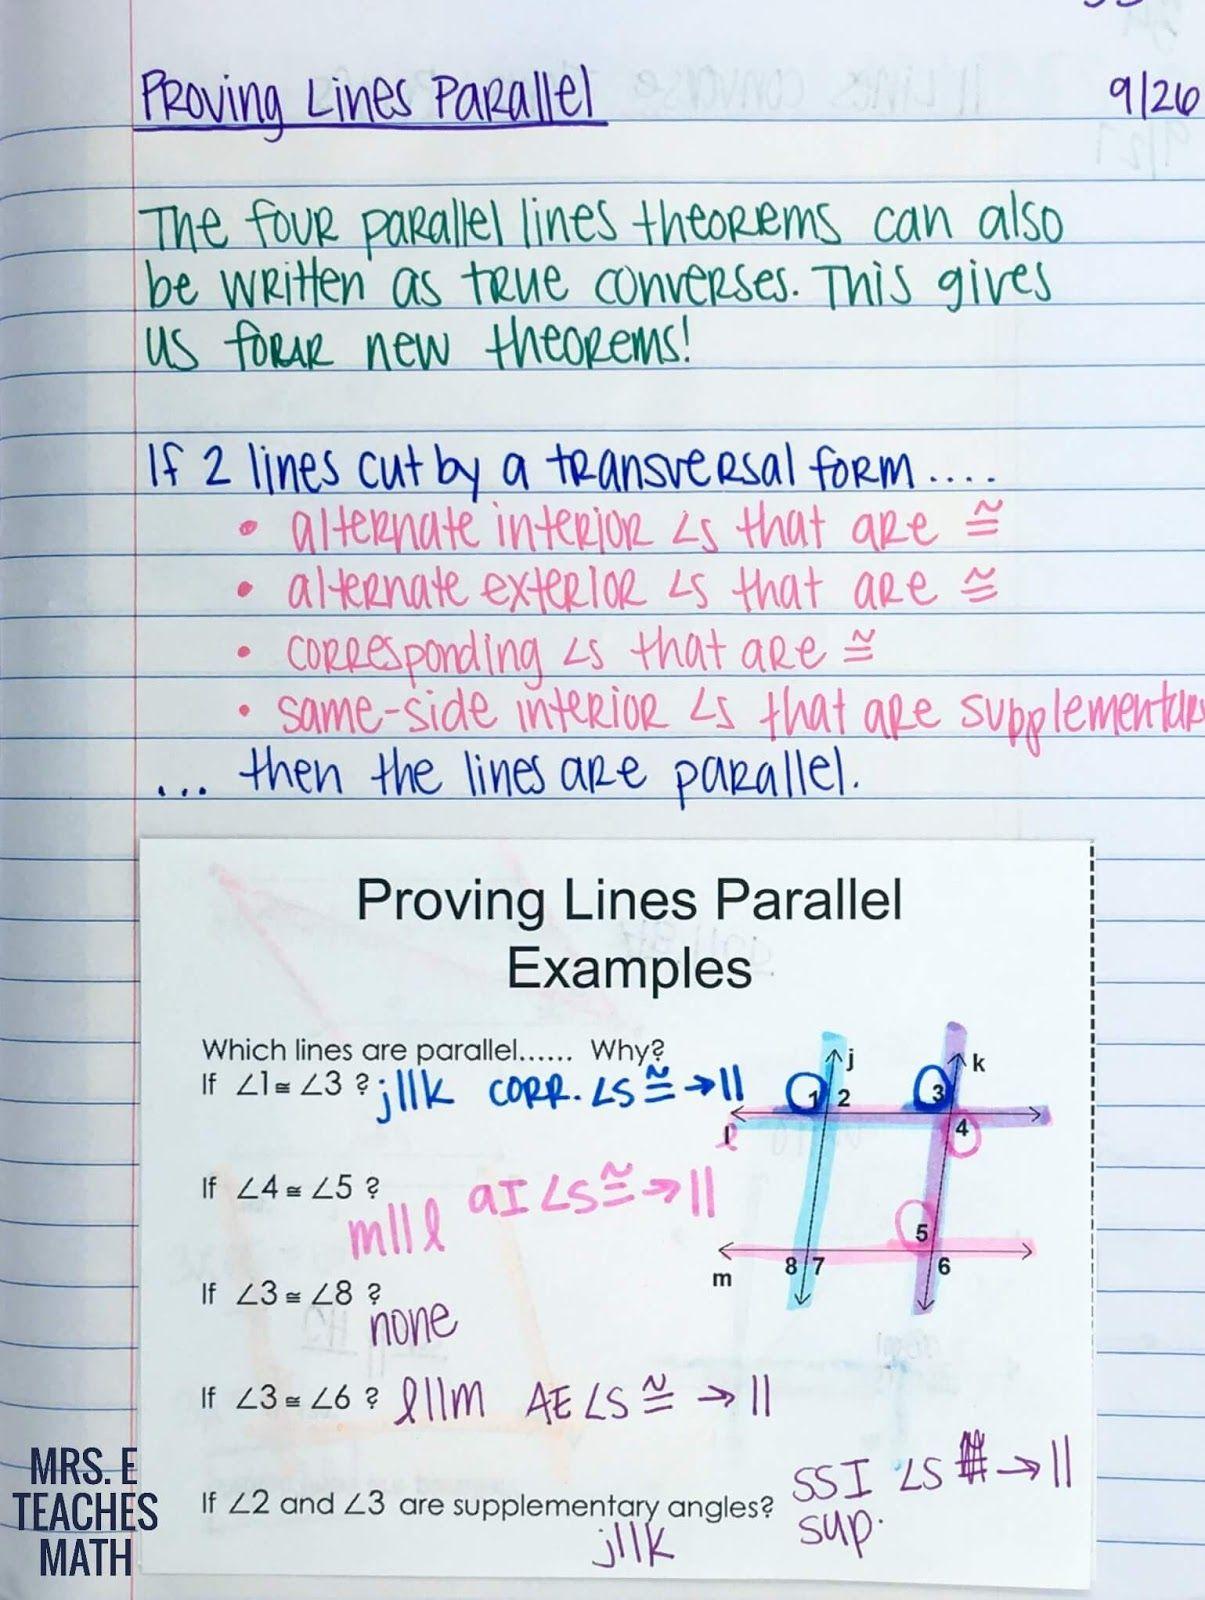 Parallel Lines Inb Pages Teaching Geometry Algebraic Proof Worksheet Template